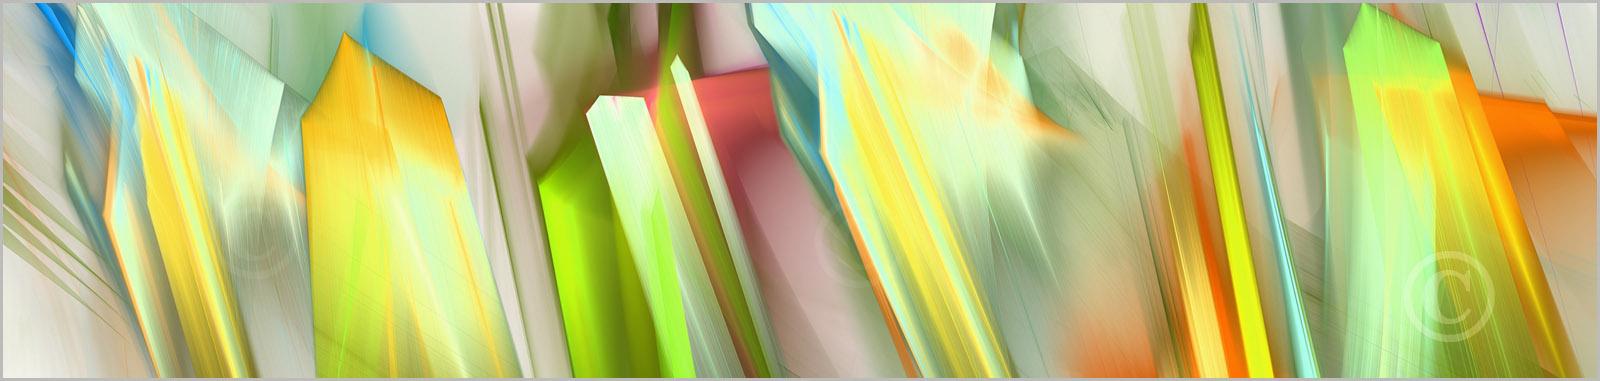 Colorshapes_F2_2941_XXXL